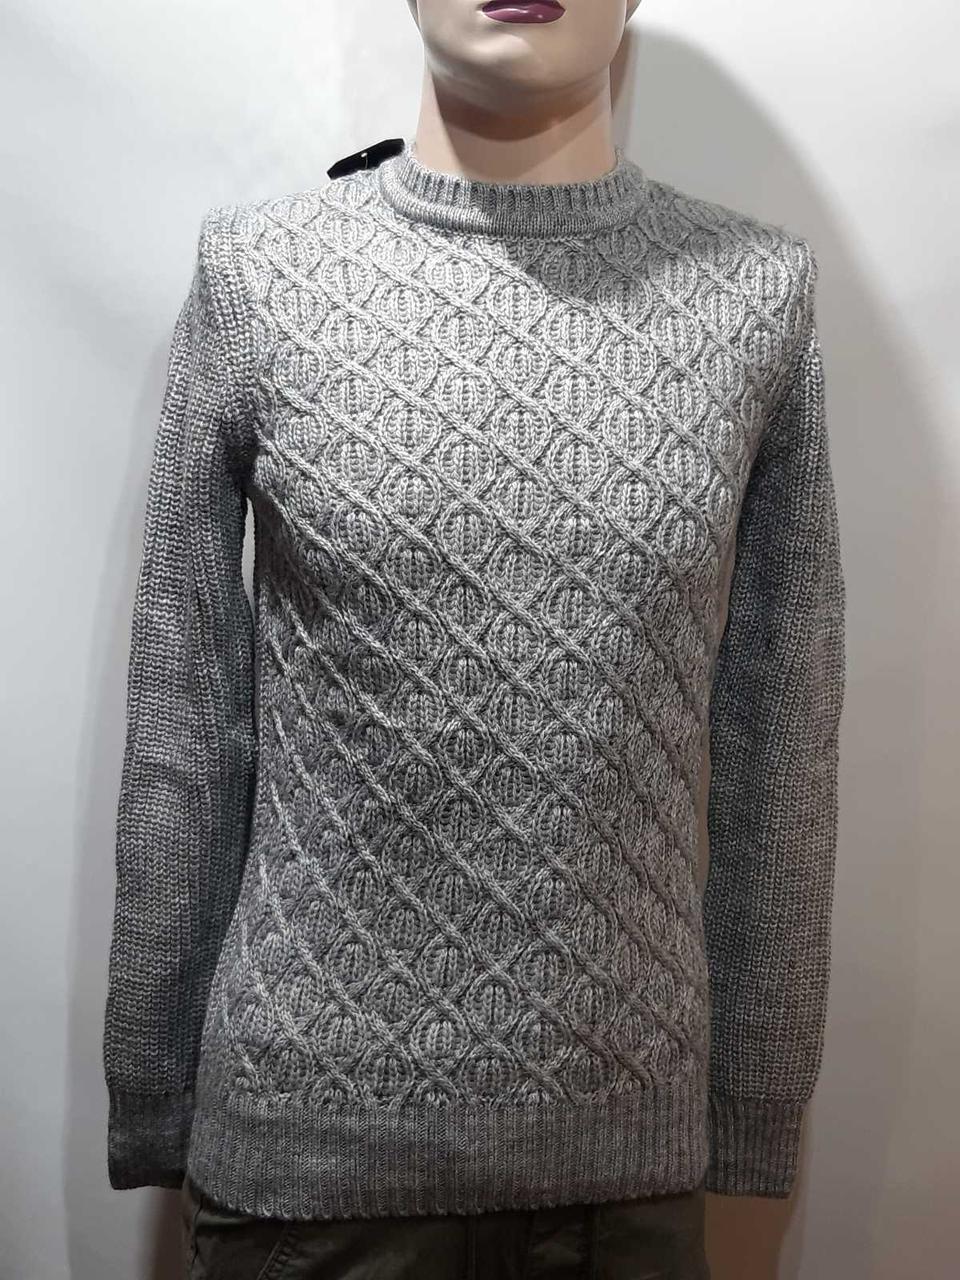 Мужской теплый шерстяной свитер Timoti отличного качества Турция Кофейный